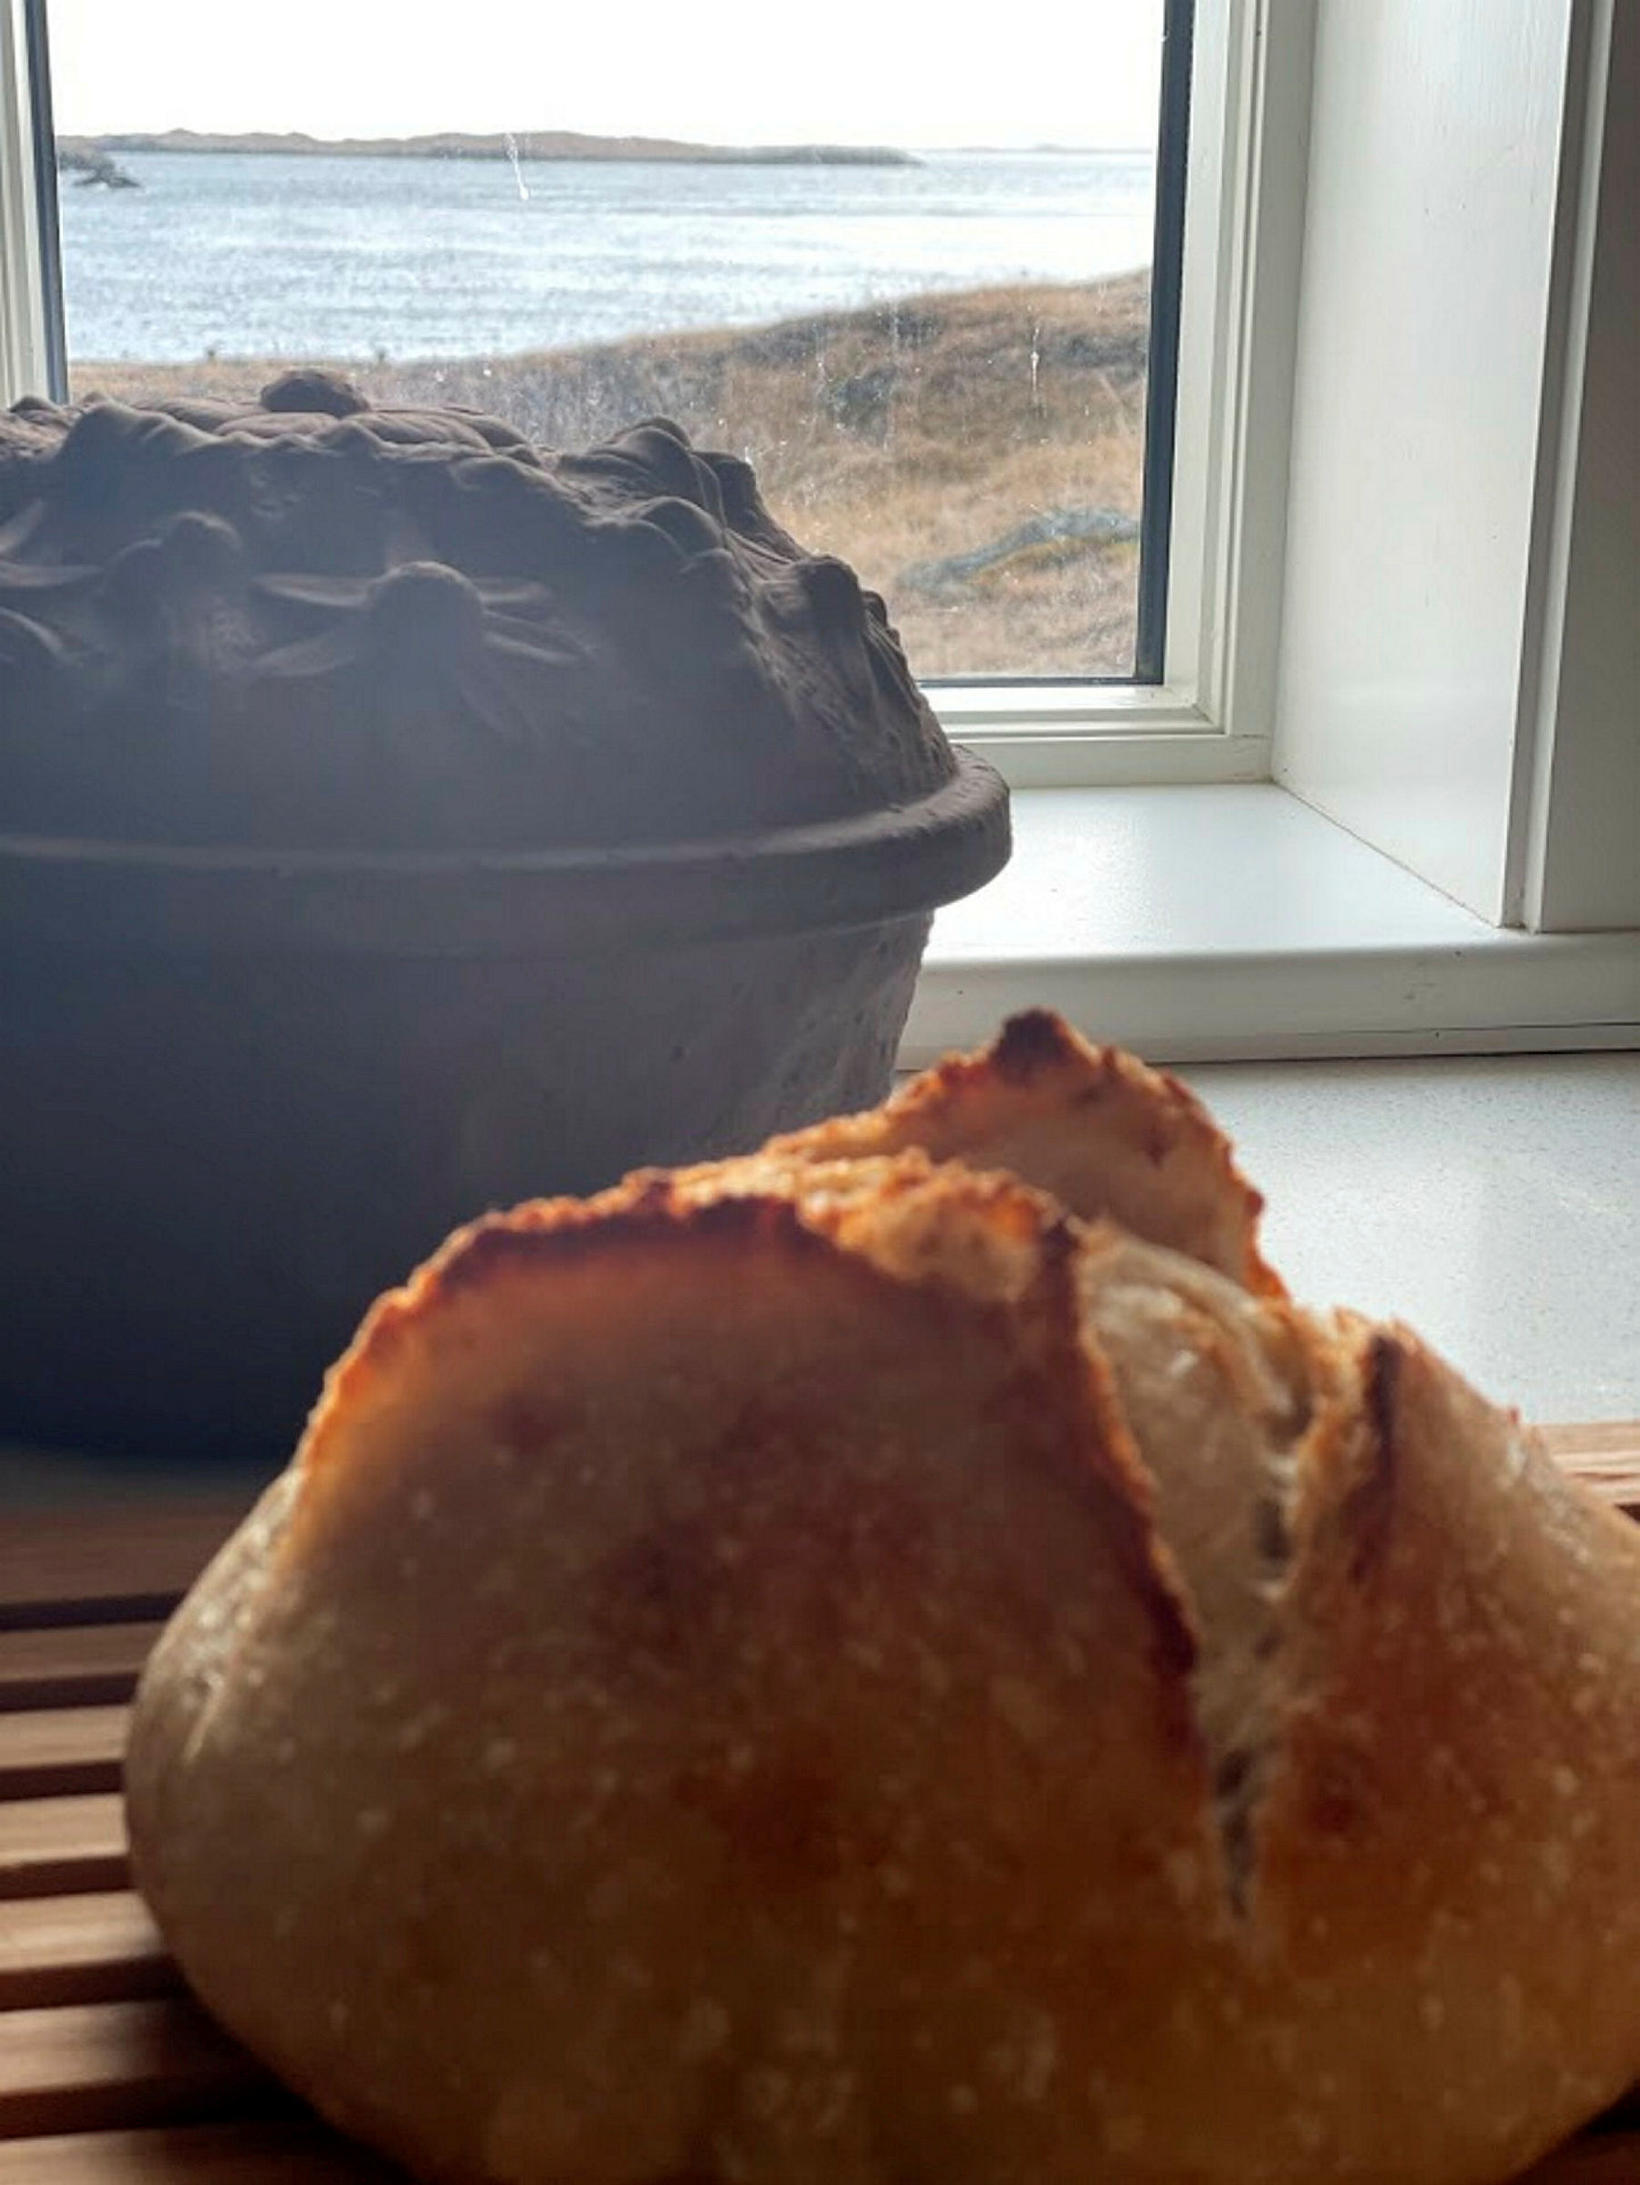 Guðríður bakar og eldar aðeins öðruvísi mat í sveitinni.